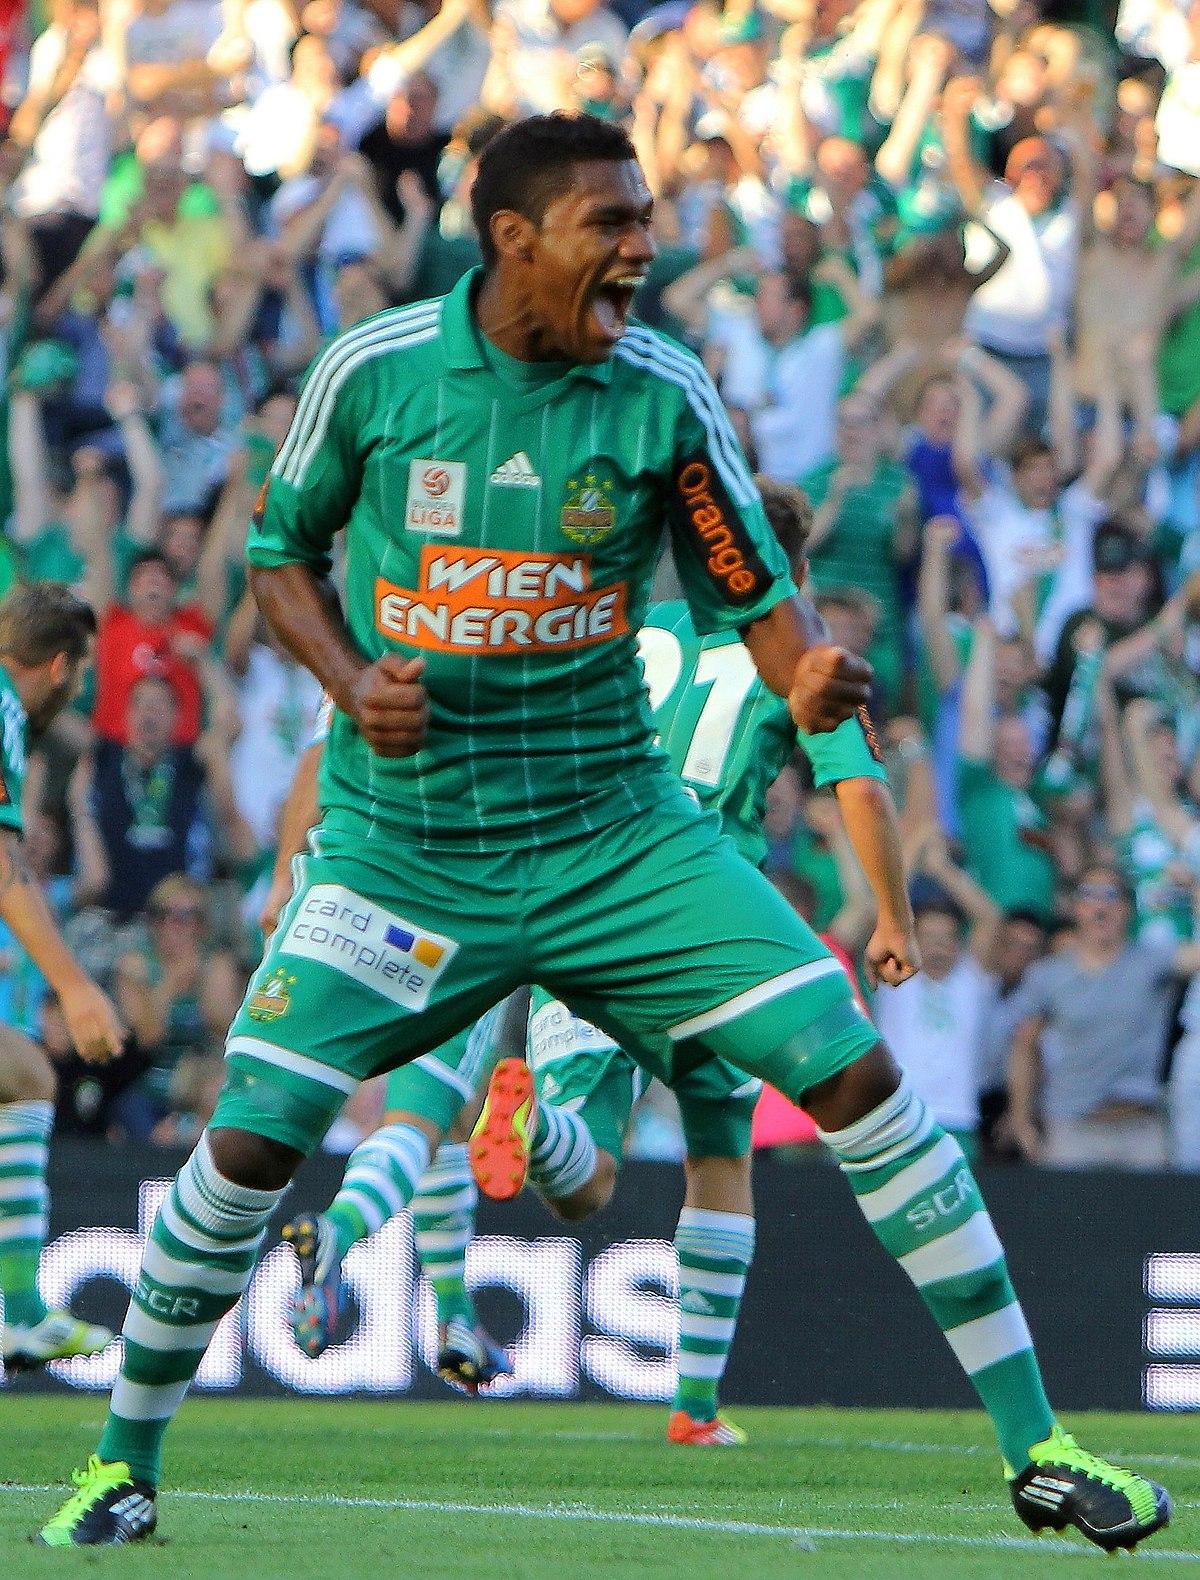 Gerson footballer born 1992